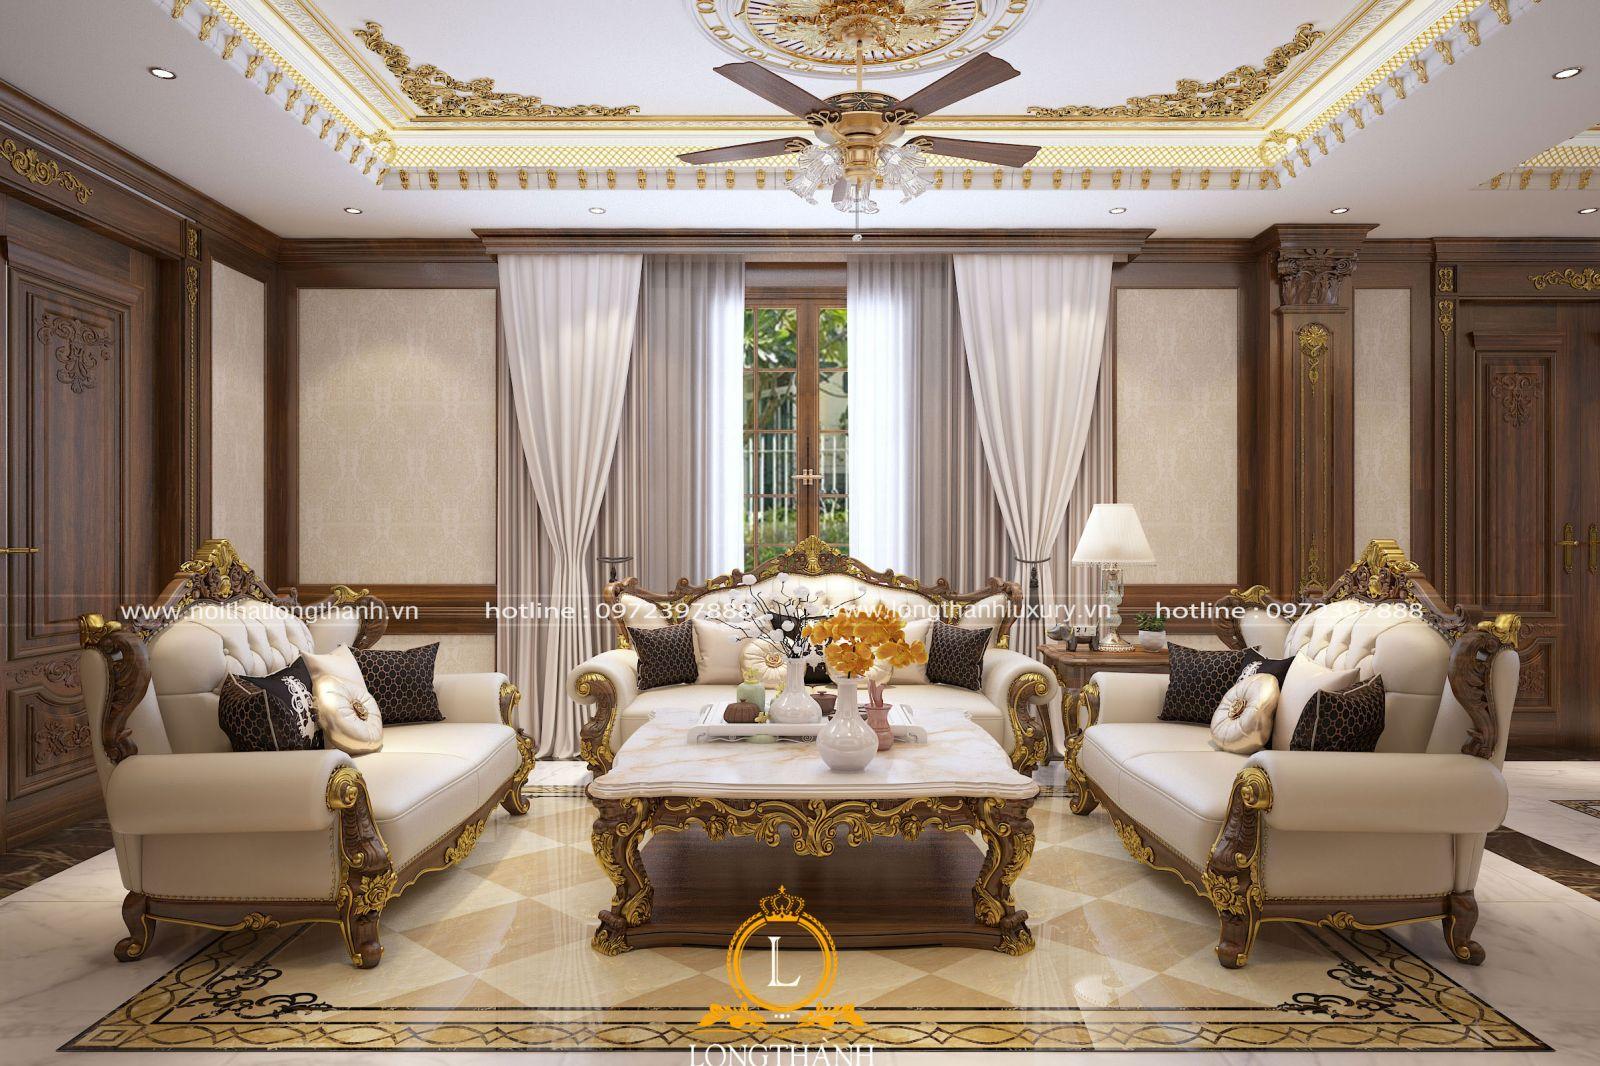 Nội thất phòng khách biệt thự được thiết kế dát vàng lộng lẫy